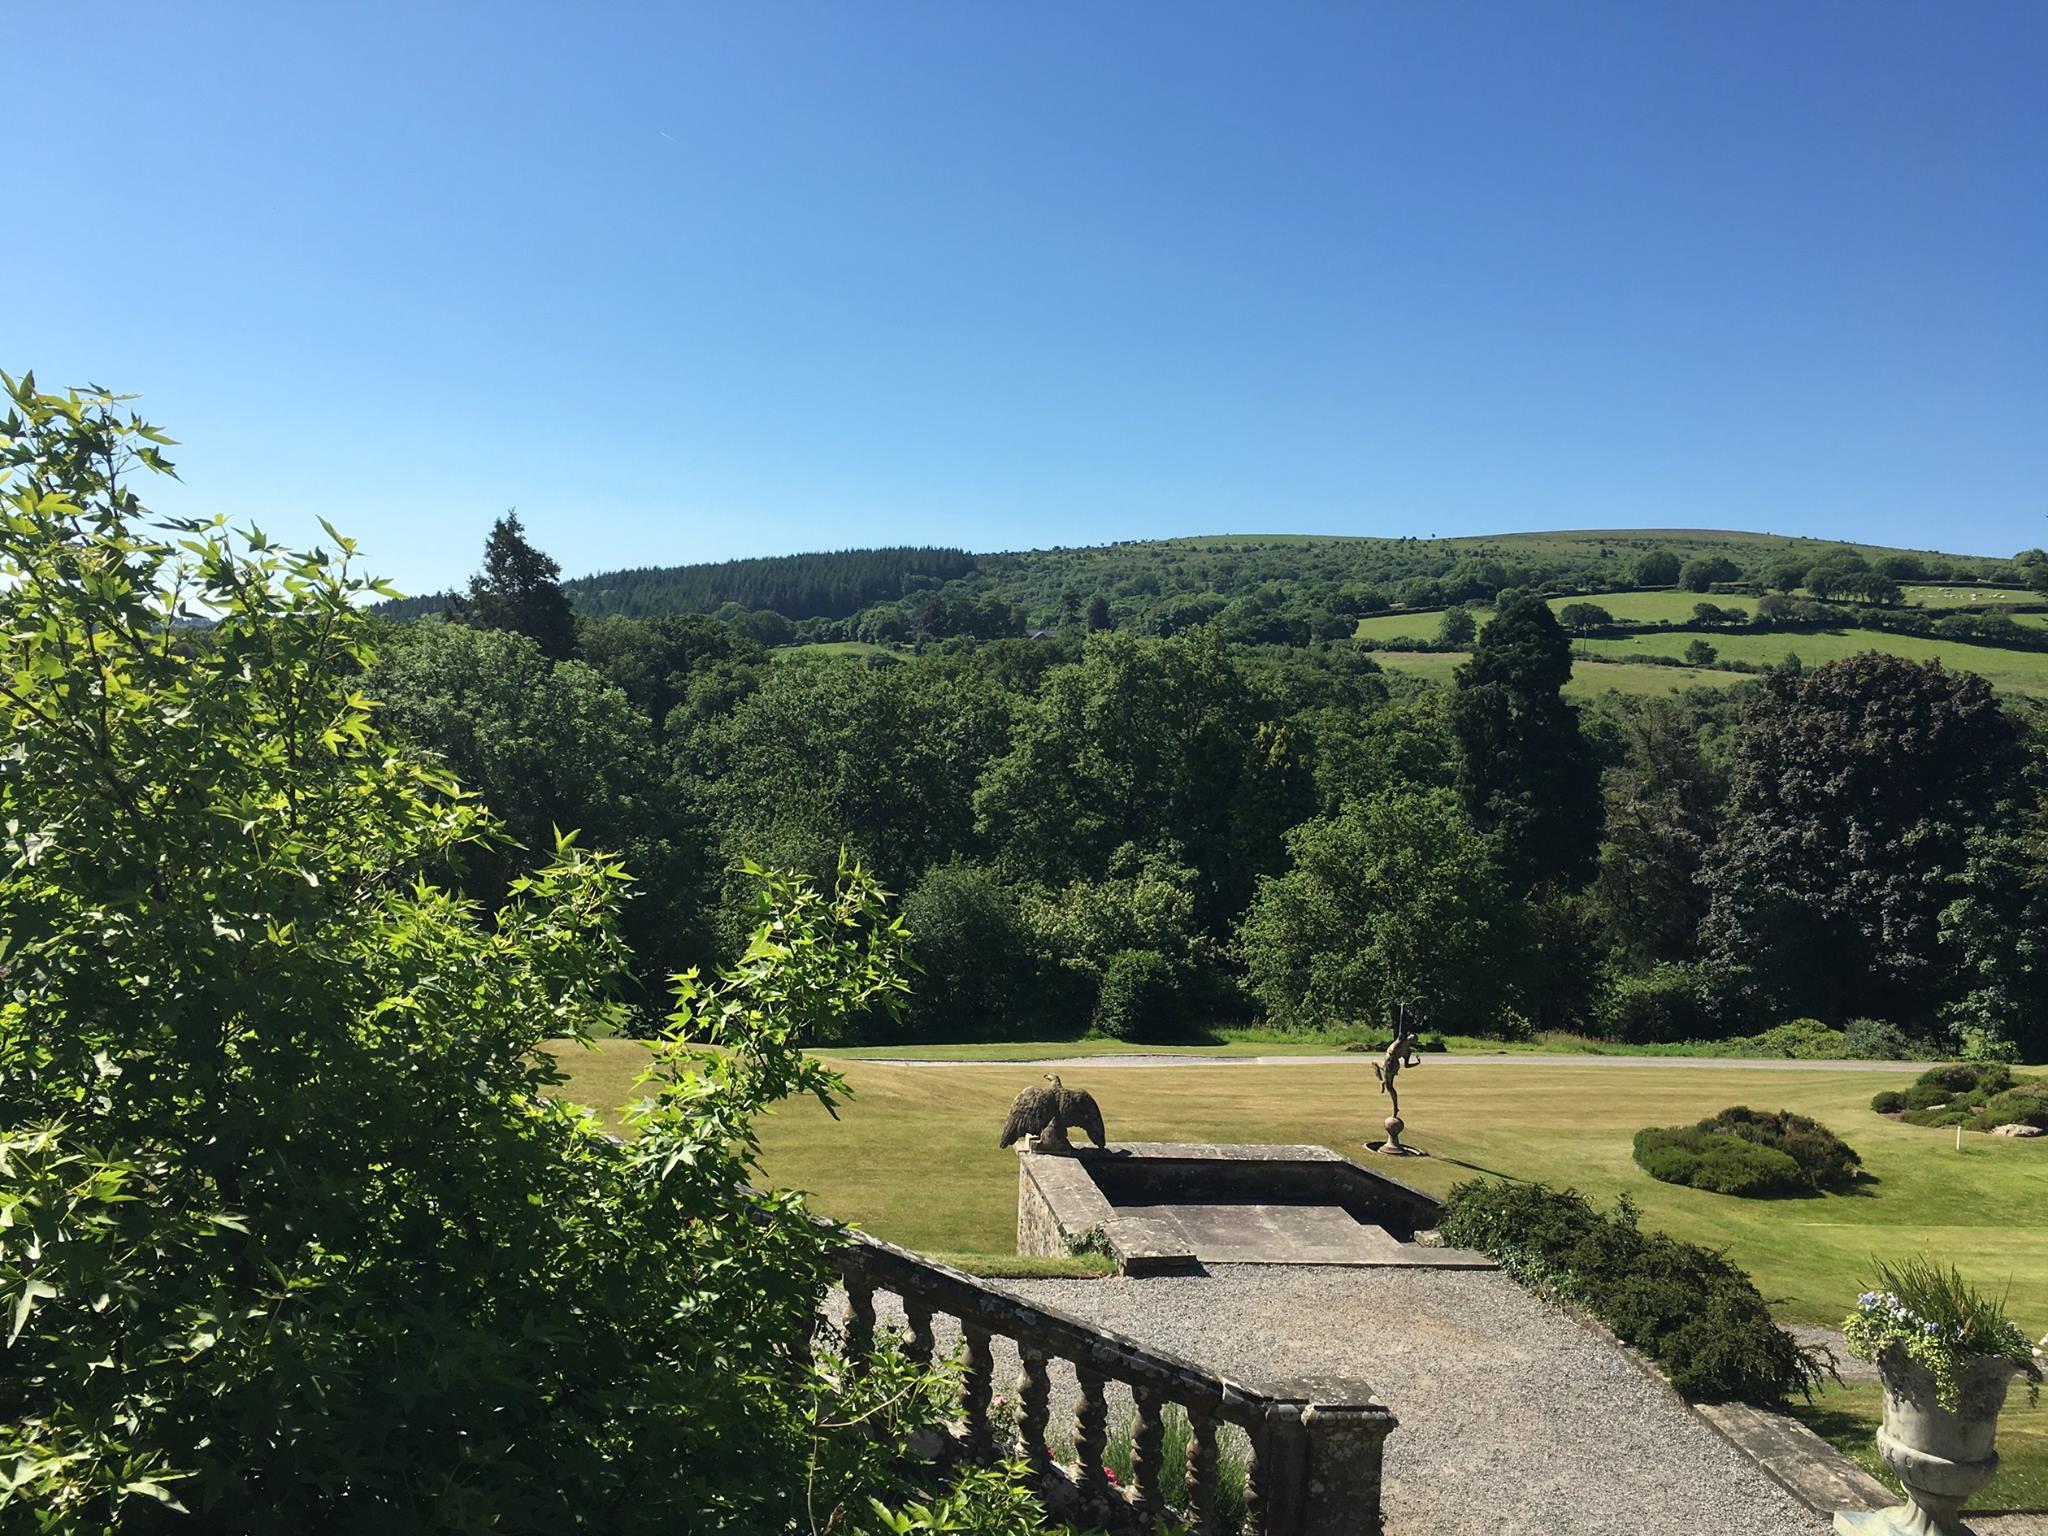 【2017光啟英格蘭】18th June, Dartmoor 達特穆爾國家公園:森林復原之光